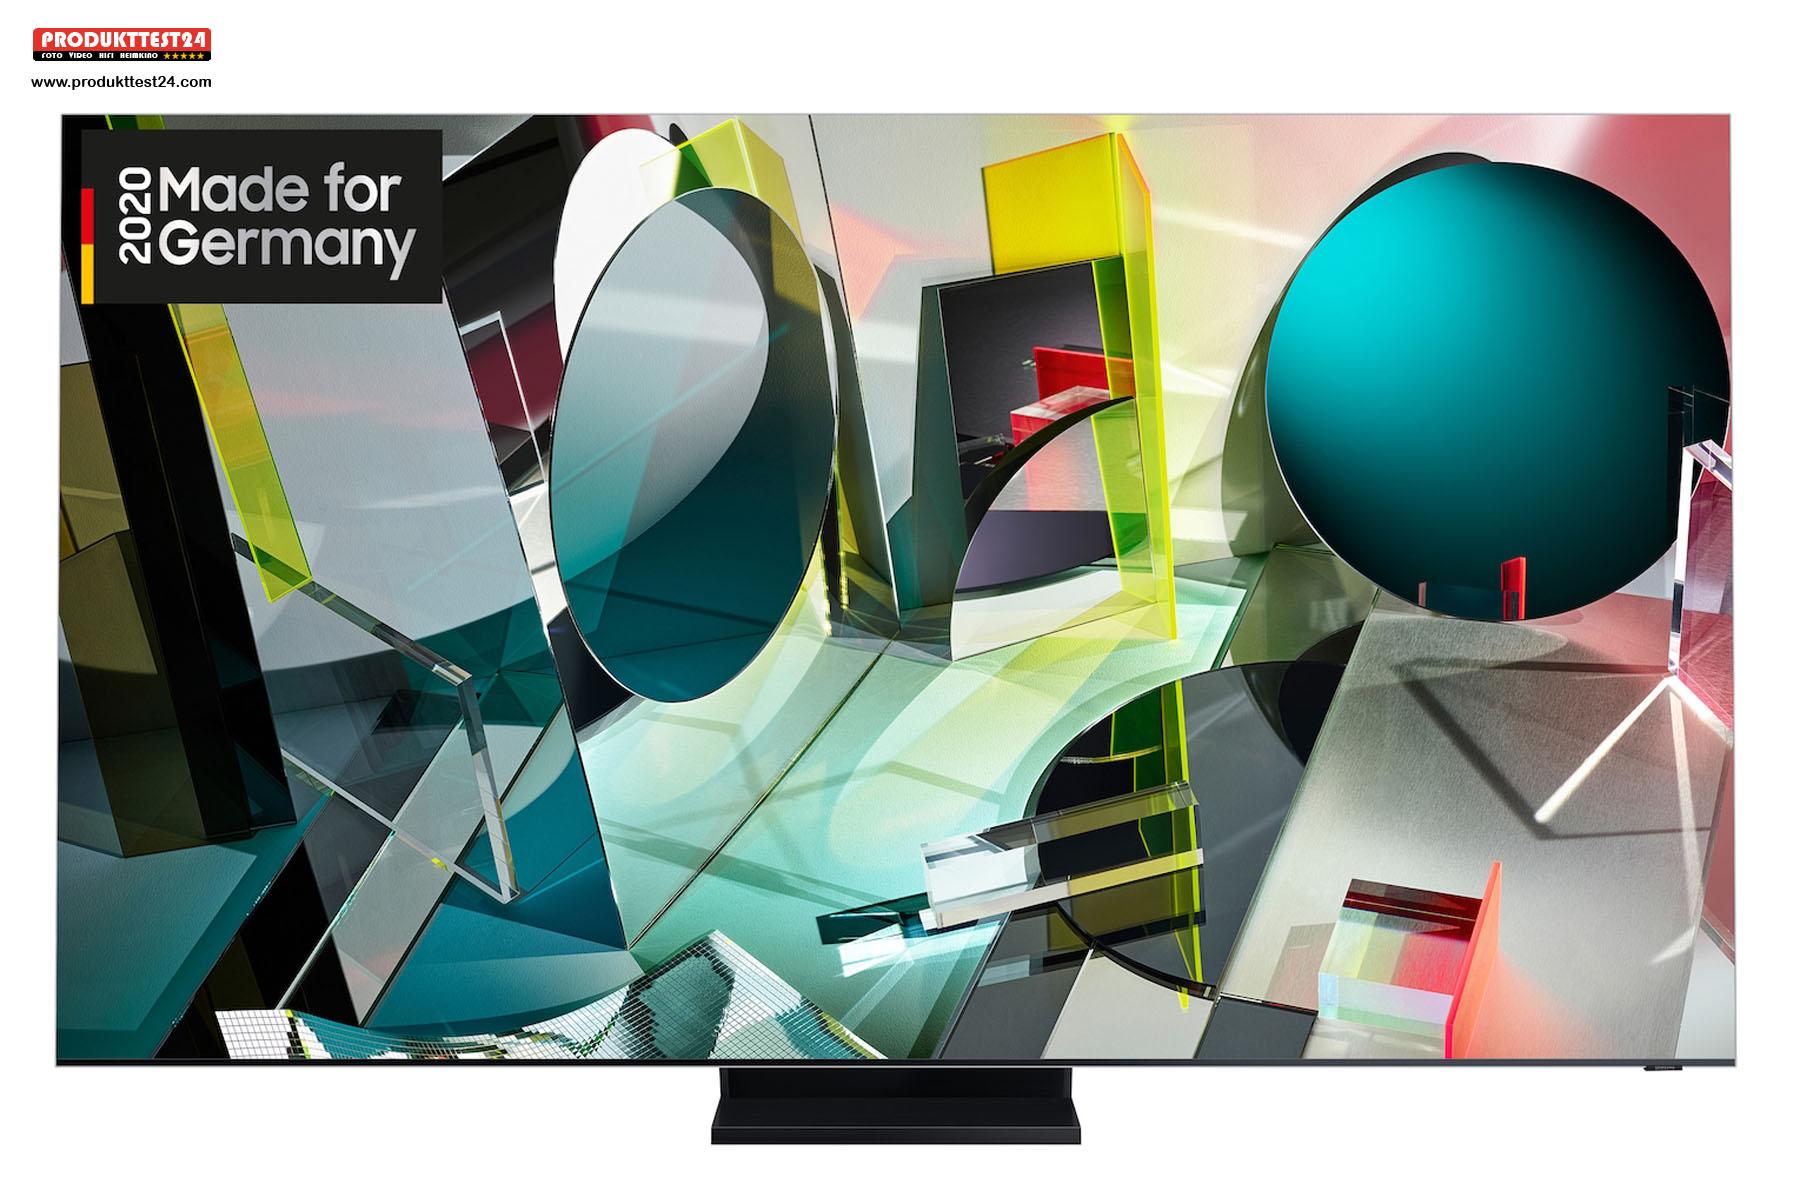 Samsung GQ75Q950T - Die 3. Gen. 8K-Fernseher von Samsung